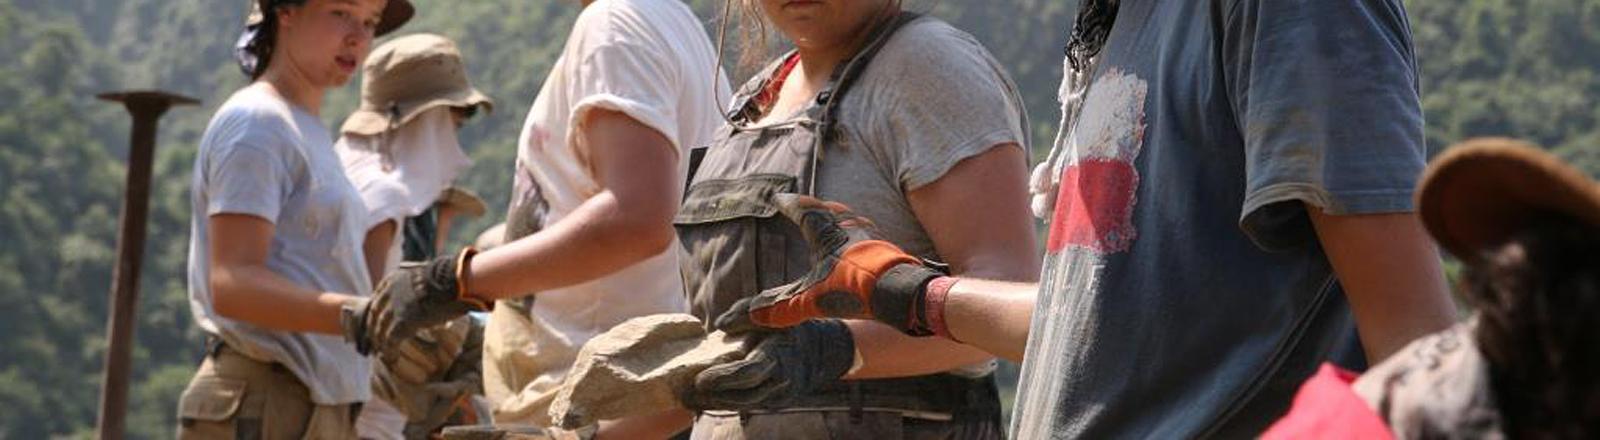 Jugendliche auf einer Baustelle